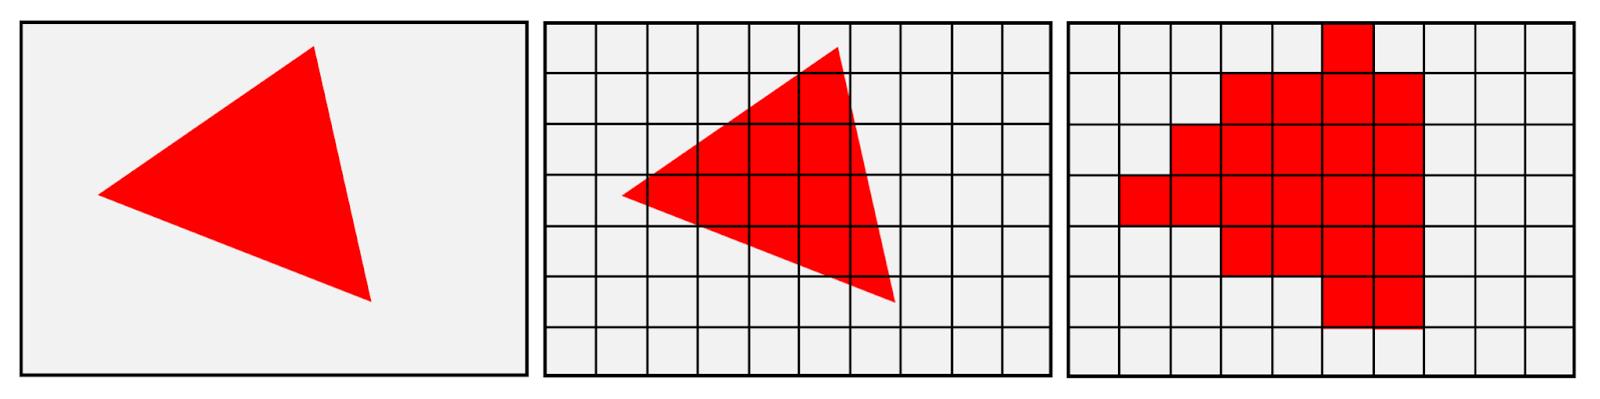 Разрешения 10 х 7 пикселей недостаточно для отображения этого треугольника без алиасинга